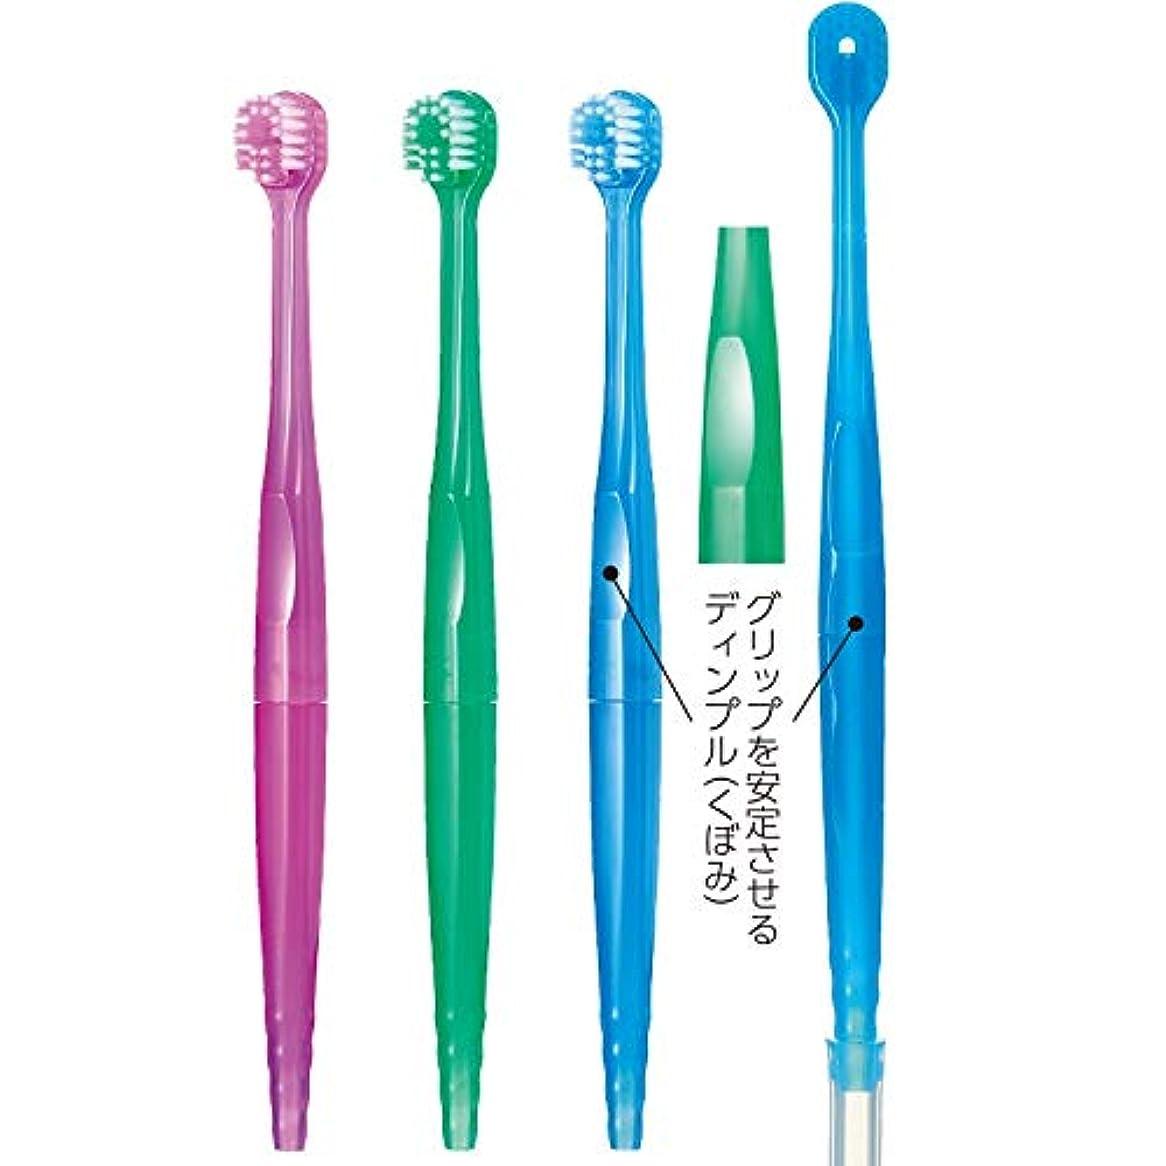 レンダー政令酸Ci Qin歯ブラシ(吸引歯ブラシ) /12本